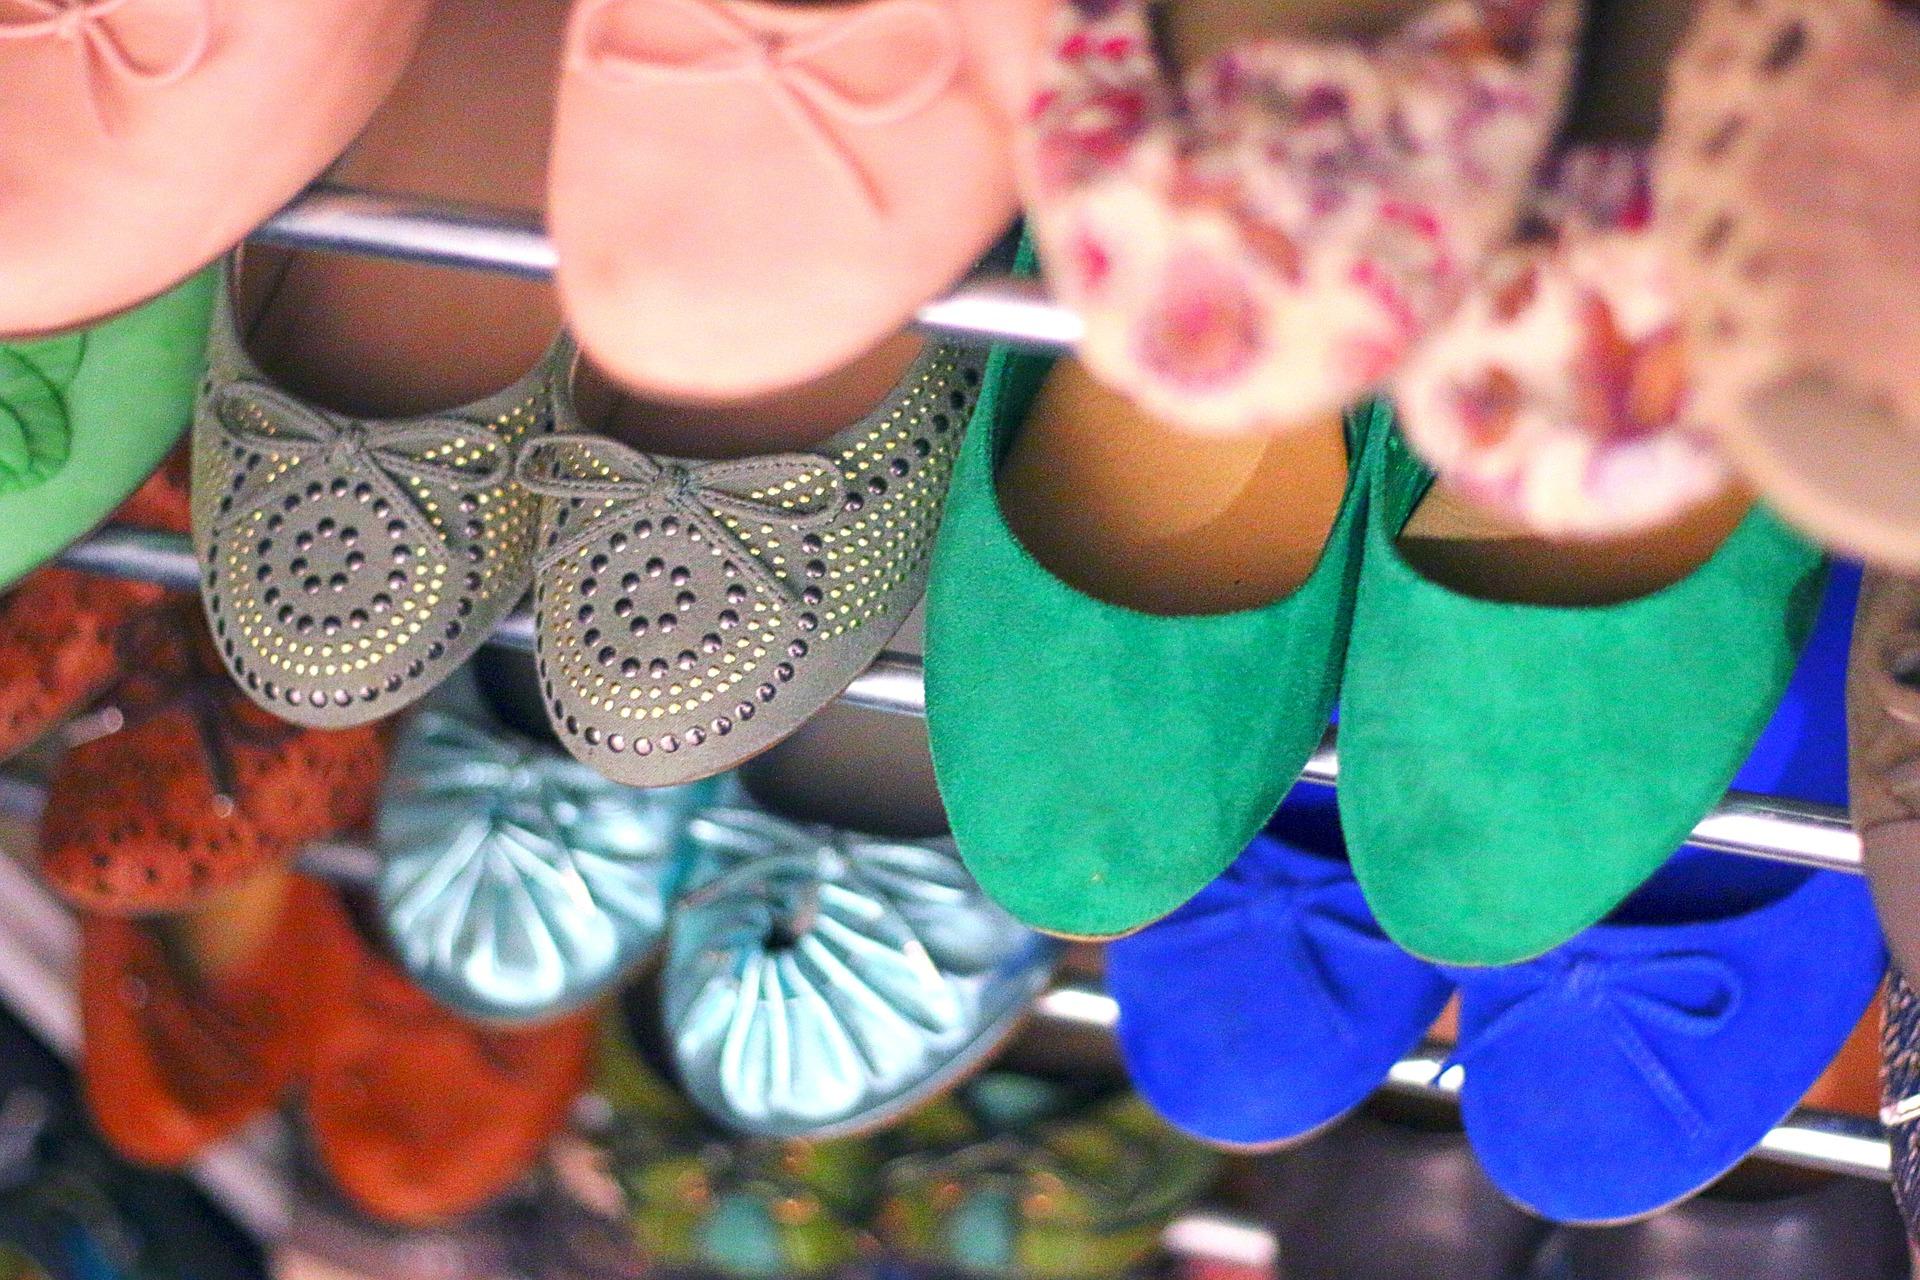 Pantofle s plochou podrážkou, nebo sandálky? Co si vybrat pro slunečné letní dny?